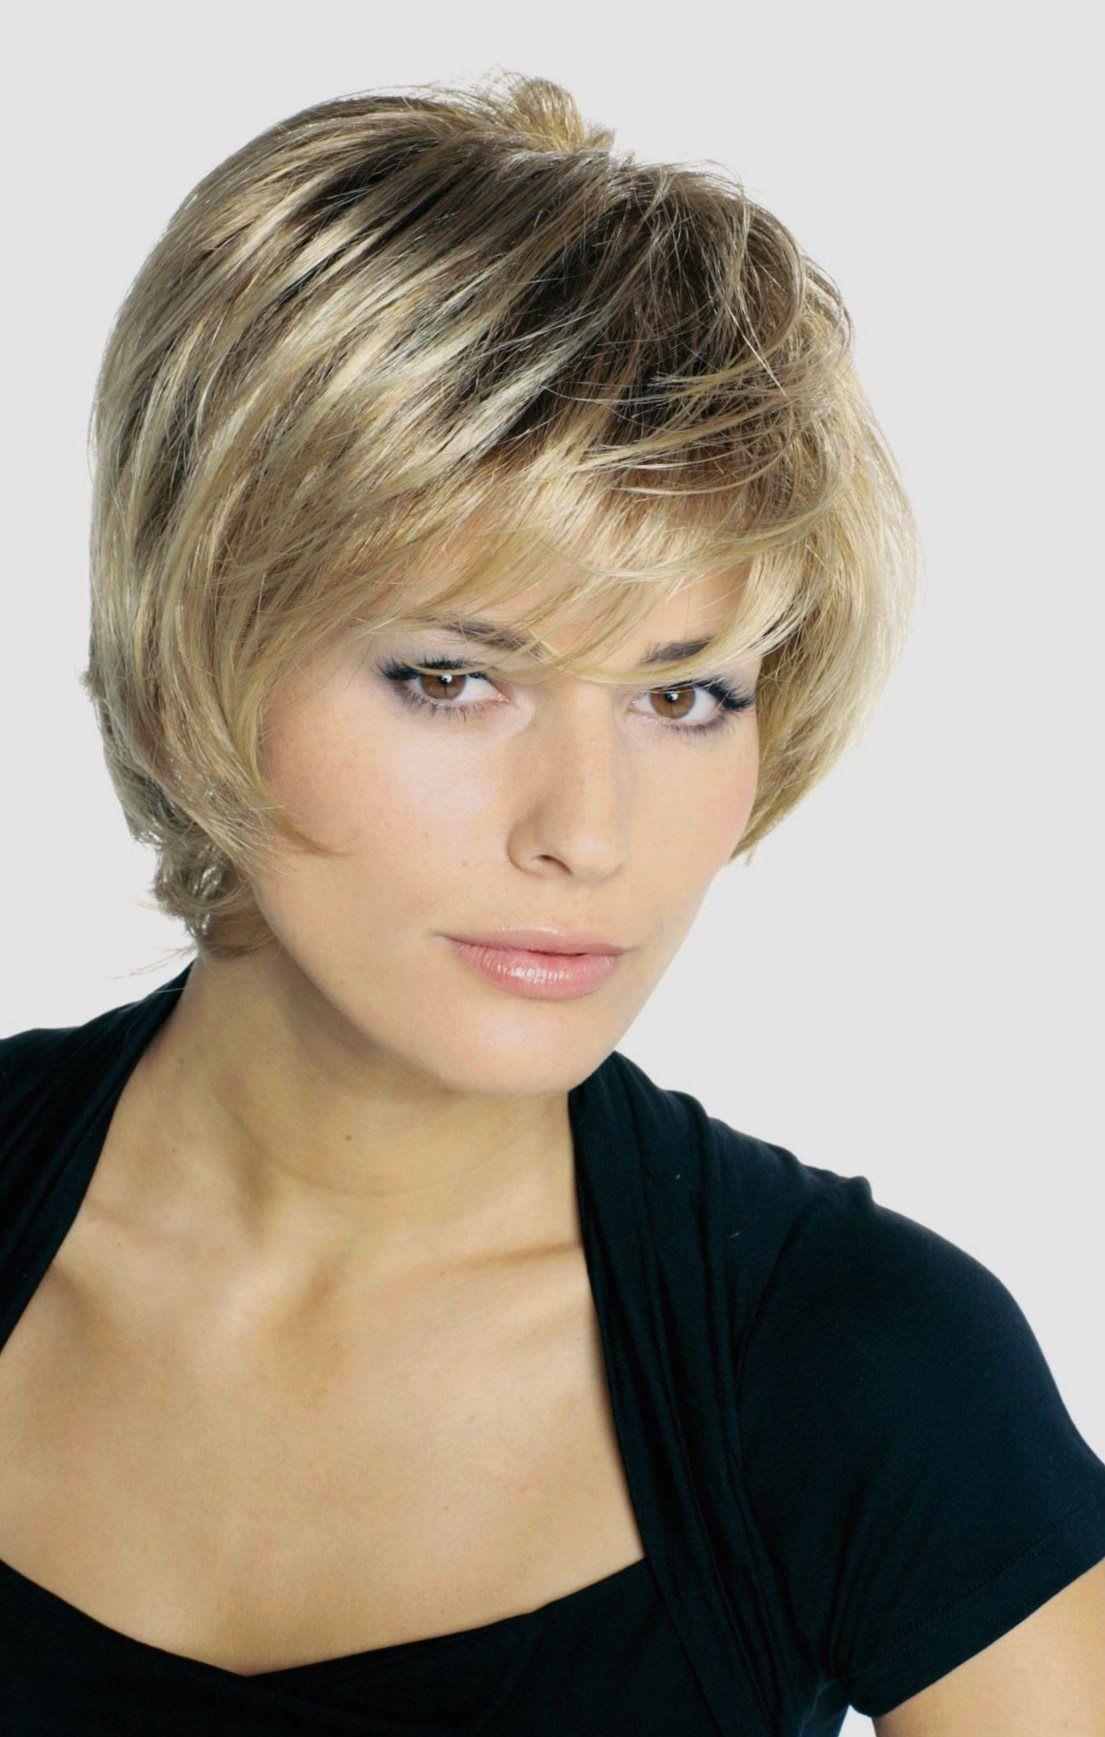 Modeles de coiffure cheveux mi longs - Les tendances mode 2020 (avec images) | Coupe de cheveux ...